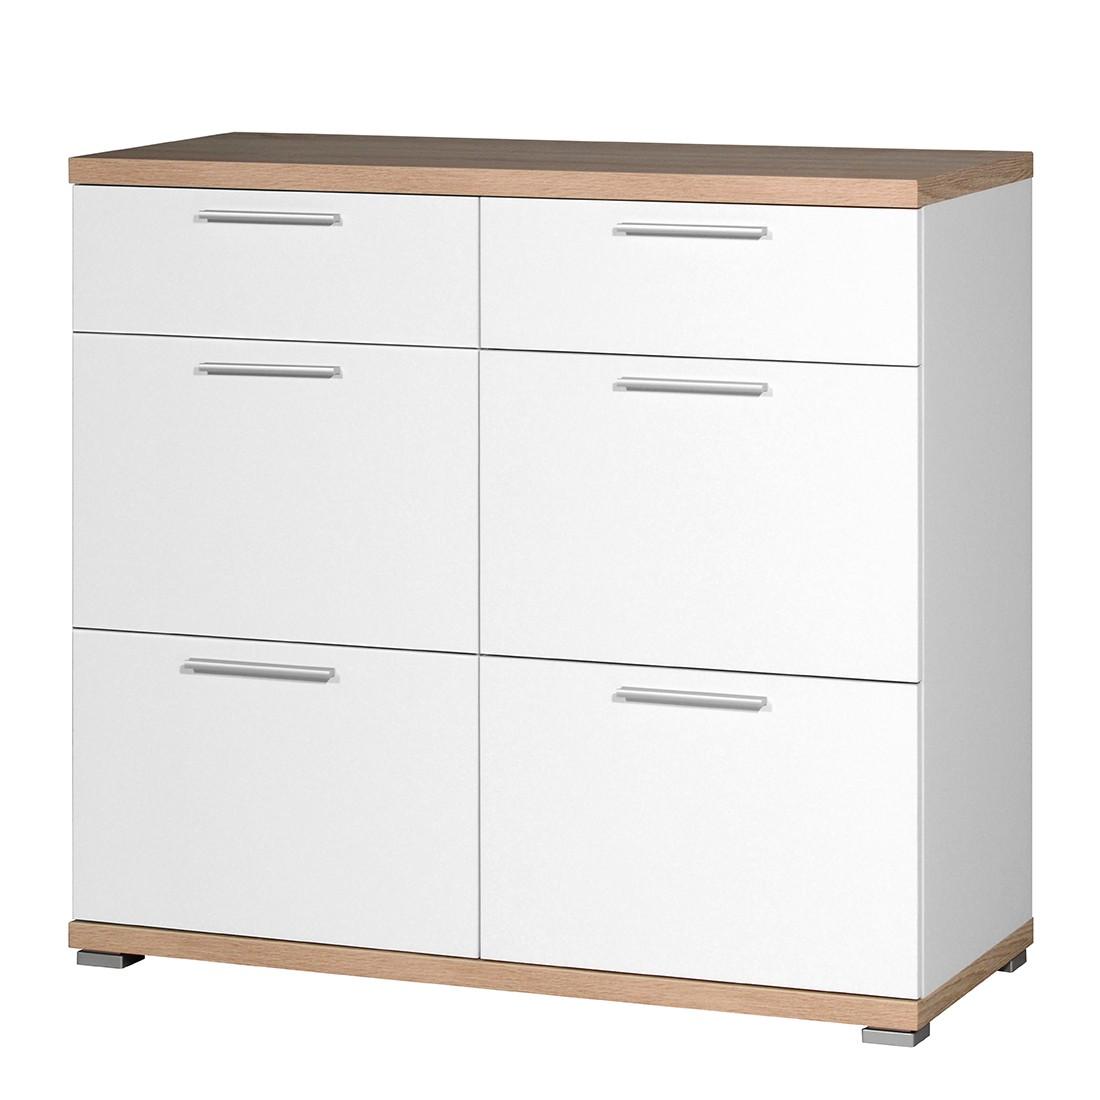 schuhschrank texture wei sonoma eiche dekor top square. Black Bedroom Furniture Sets. Home Design Ideas